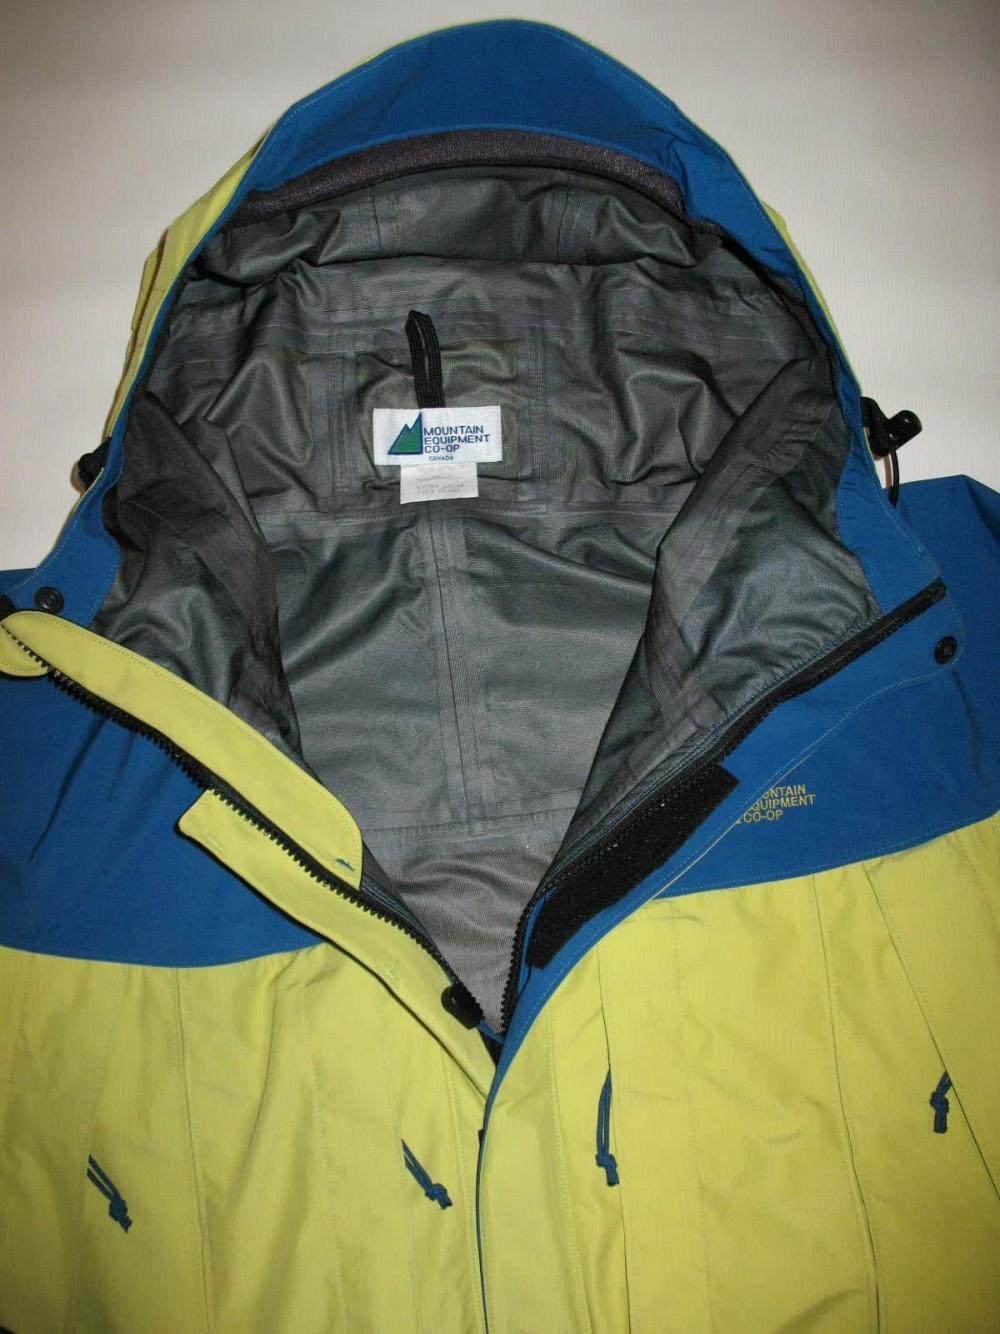 Куртка MOUNTAIN EQUIPMENT gtx outdoor jacket (размер XL/XXL) - 5